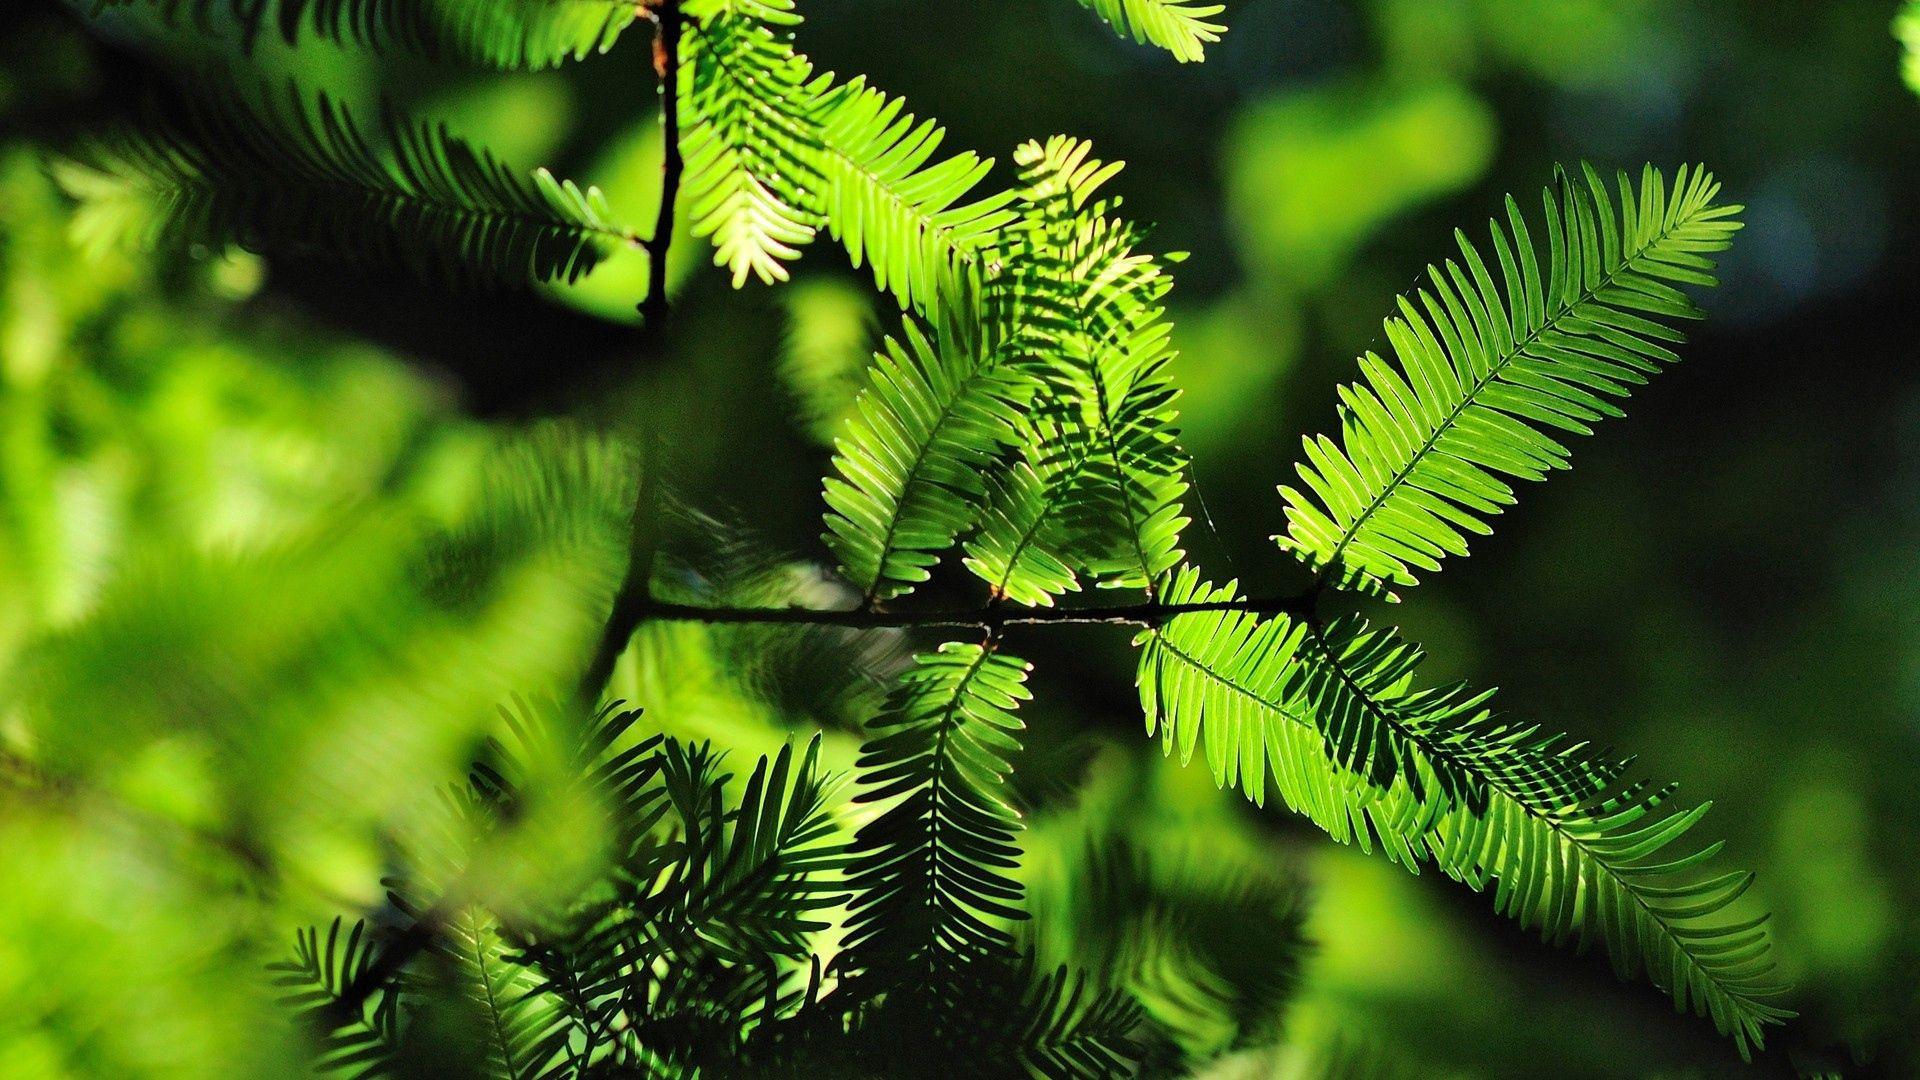 148399 скачать обои Макро, Трава, Деревья, Листья, Тень, Чаща - заставки и картинки бесплатно